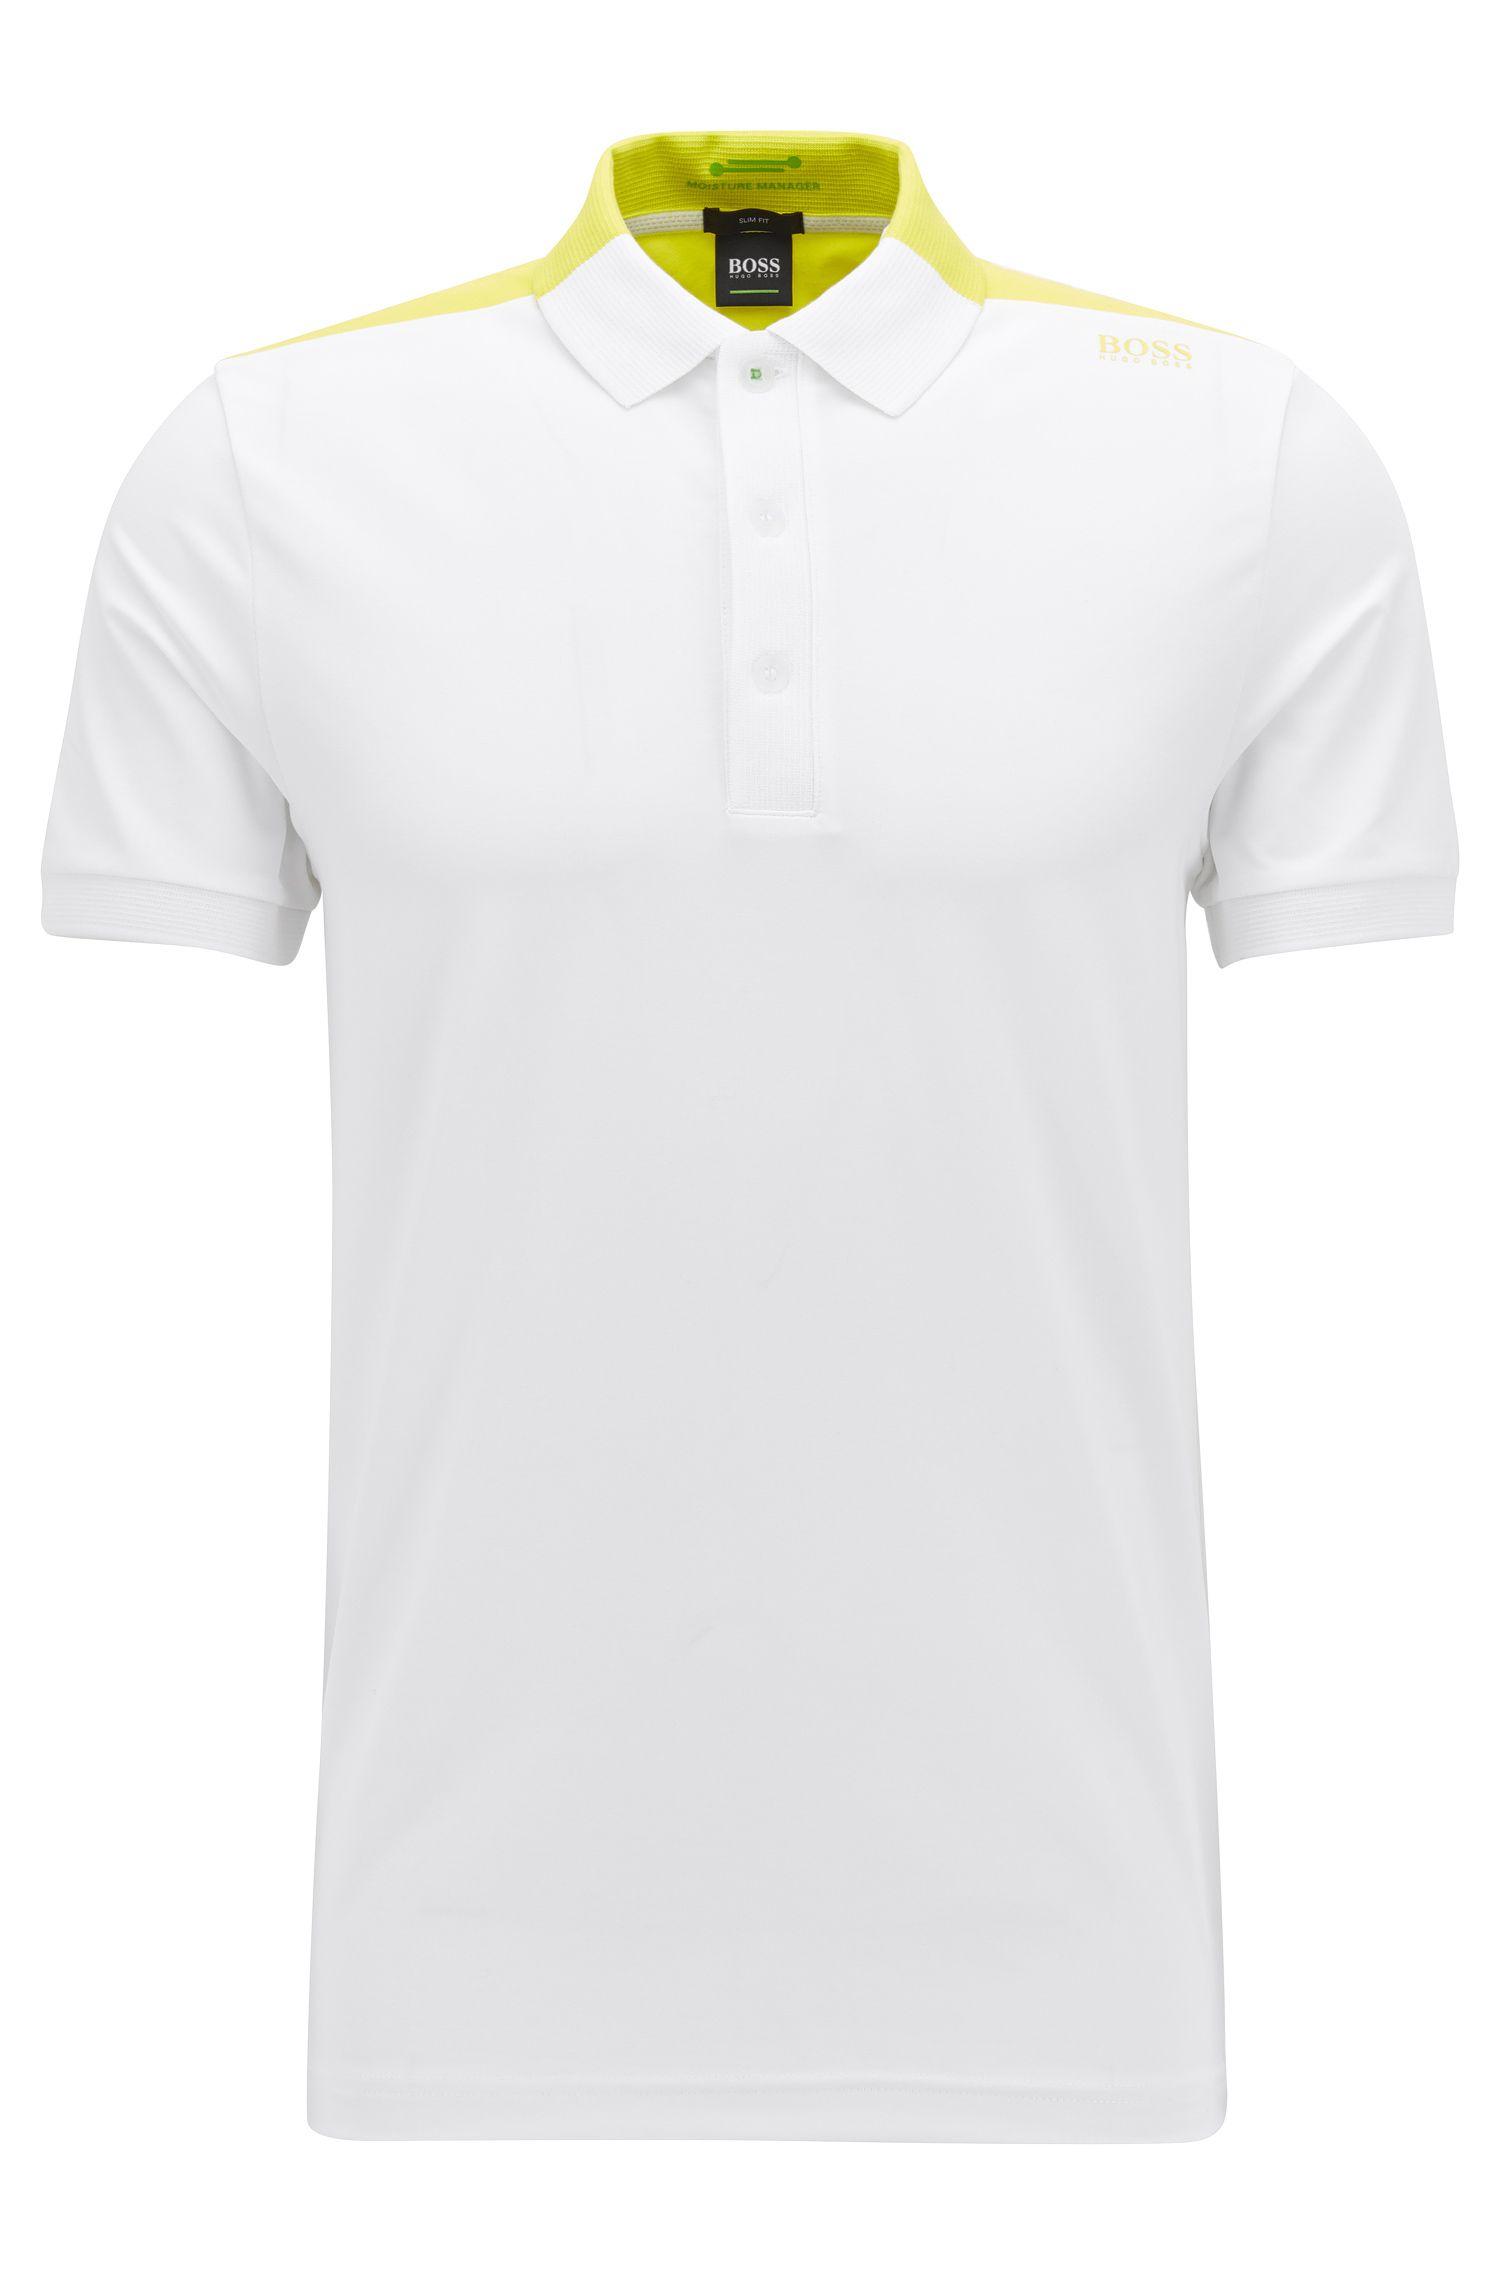 Moisture Manager Cotton Blend Polo Shirt, Slim Fit | Paule